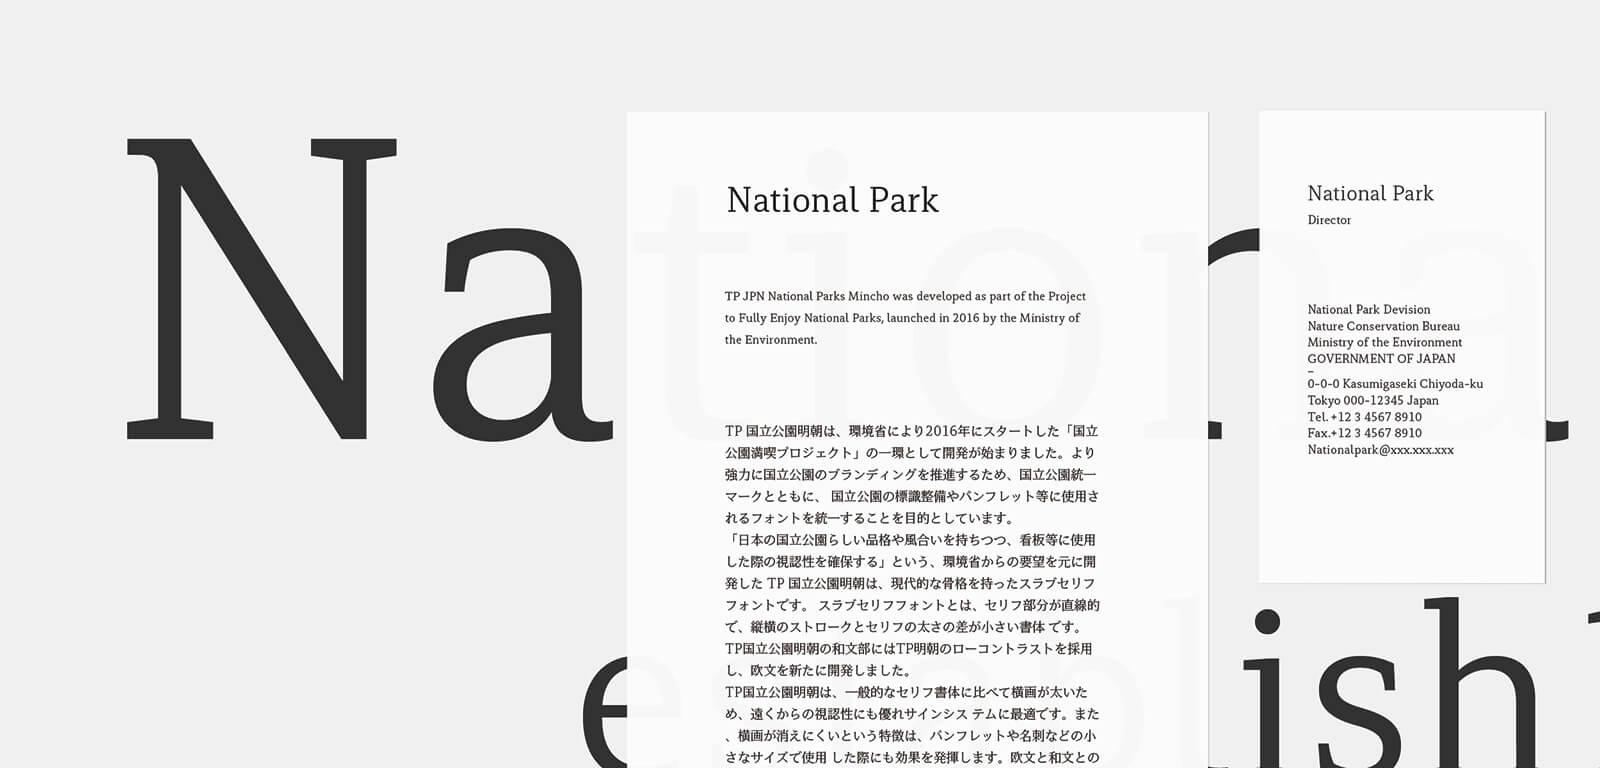 TP国立公園明朝